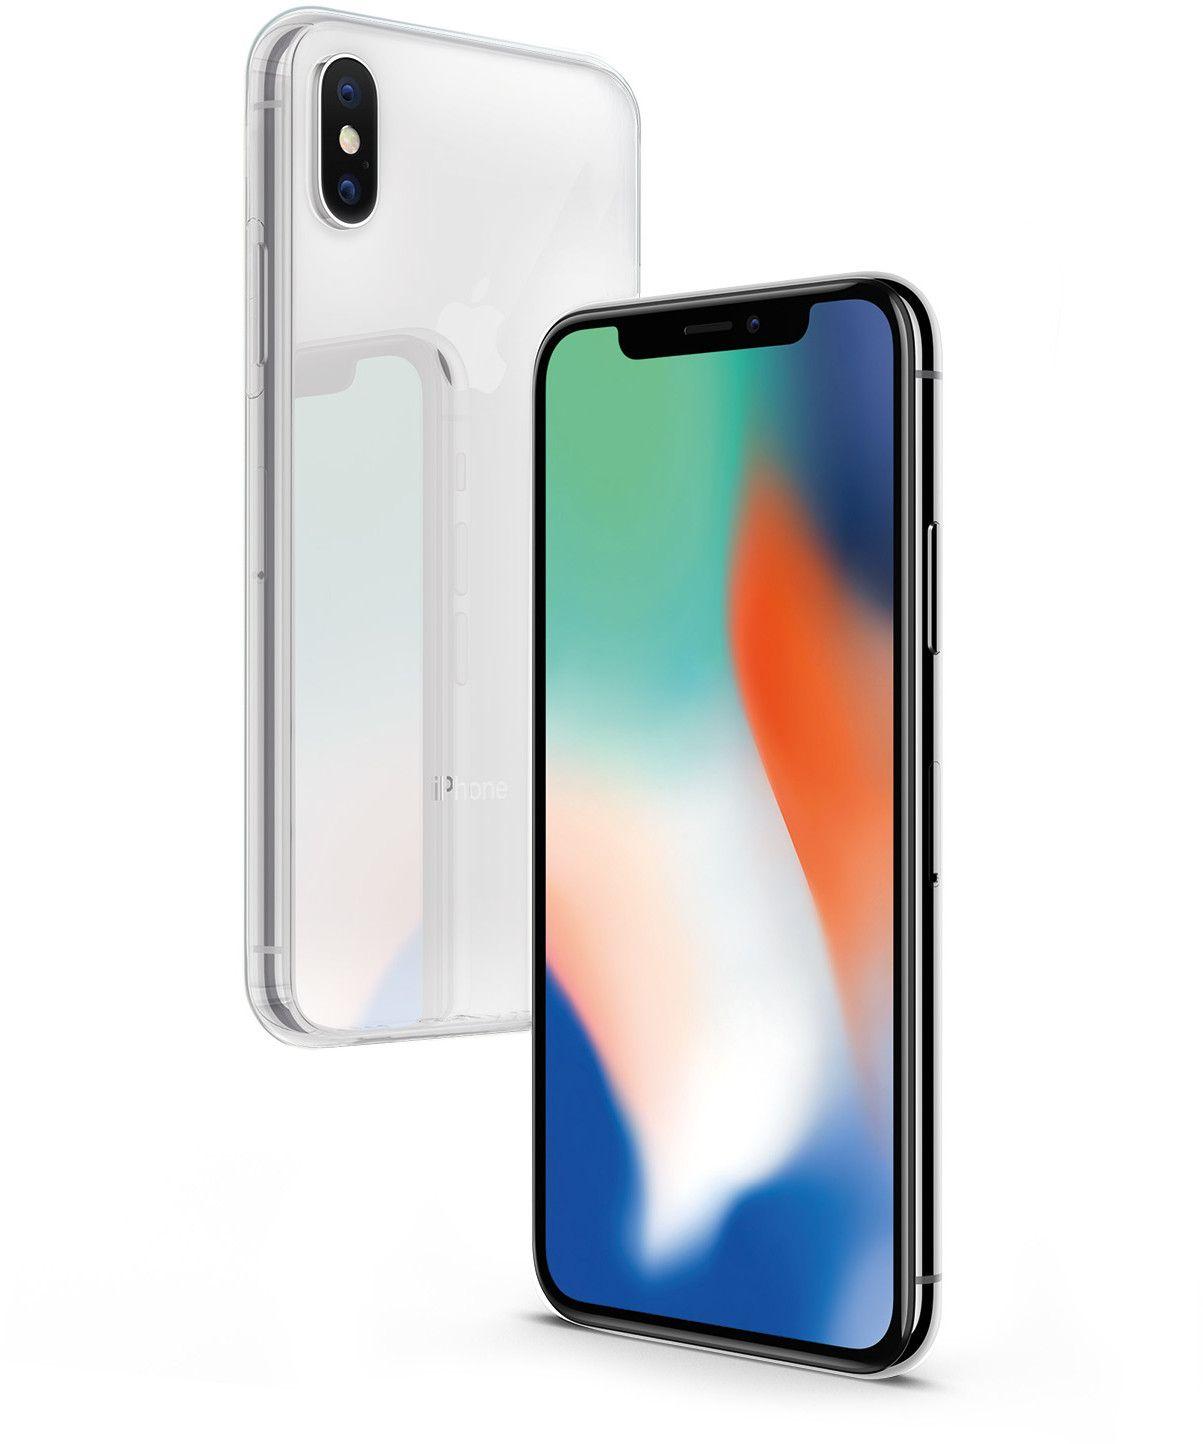 köp iphone x i butik